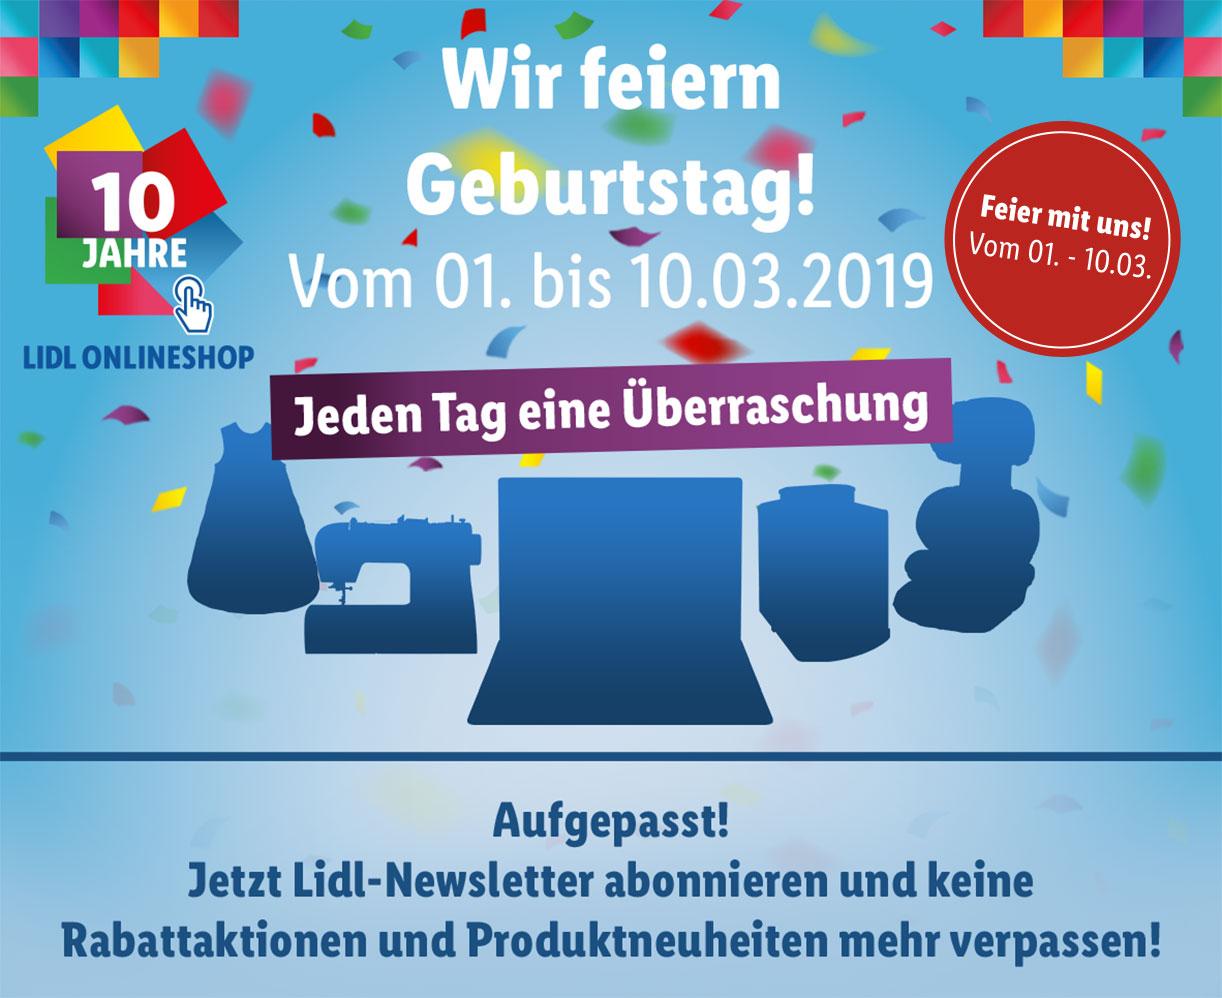 10 Jahre LIDL! Versandkosten ab dem 01.03. geschenkt | 50€ MBW